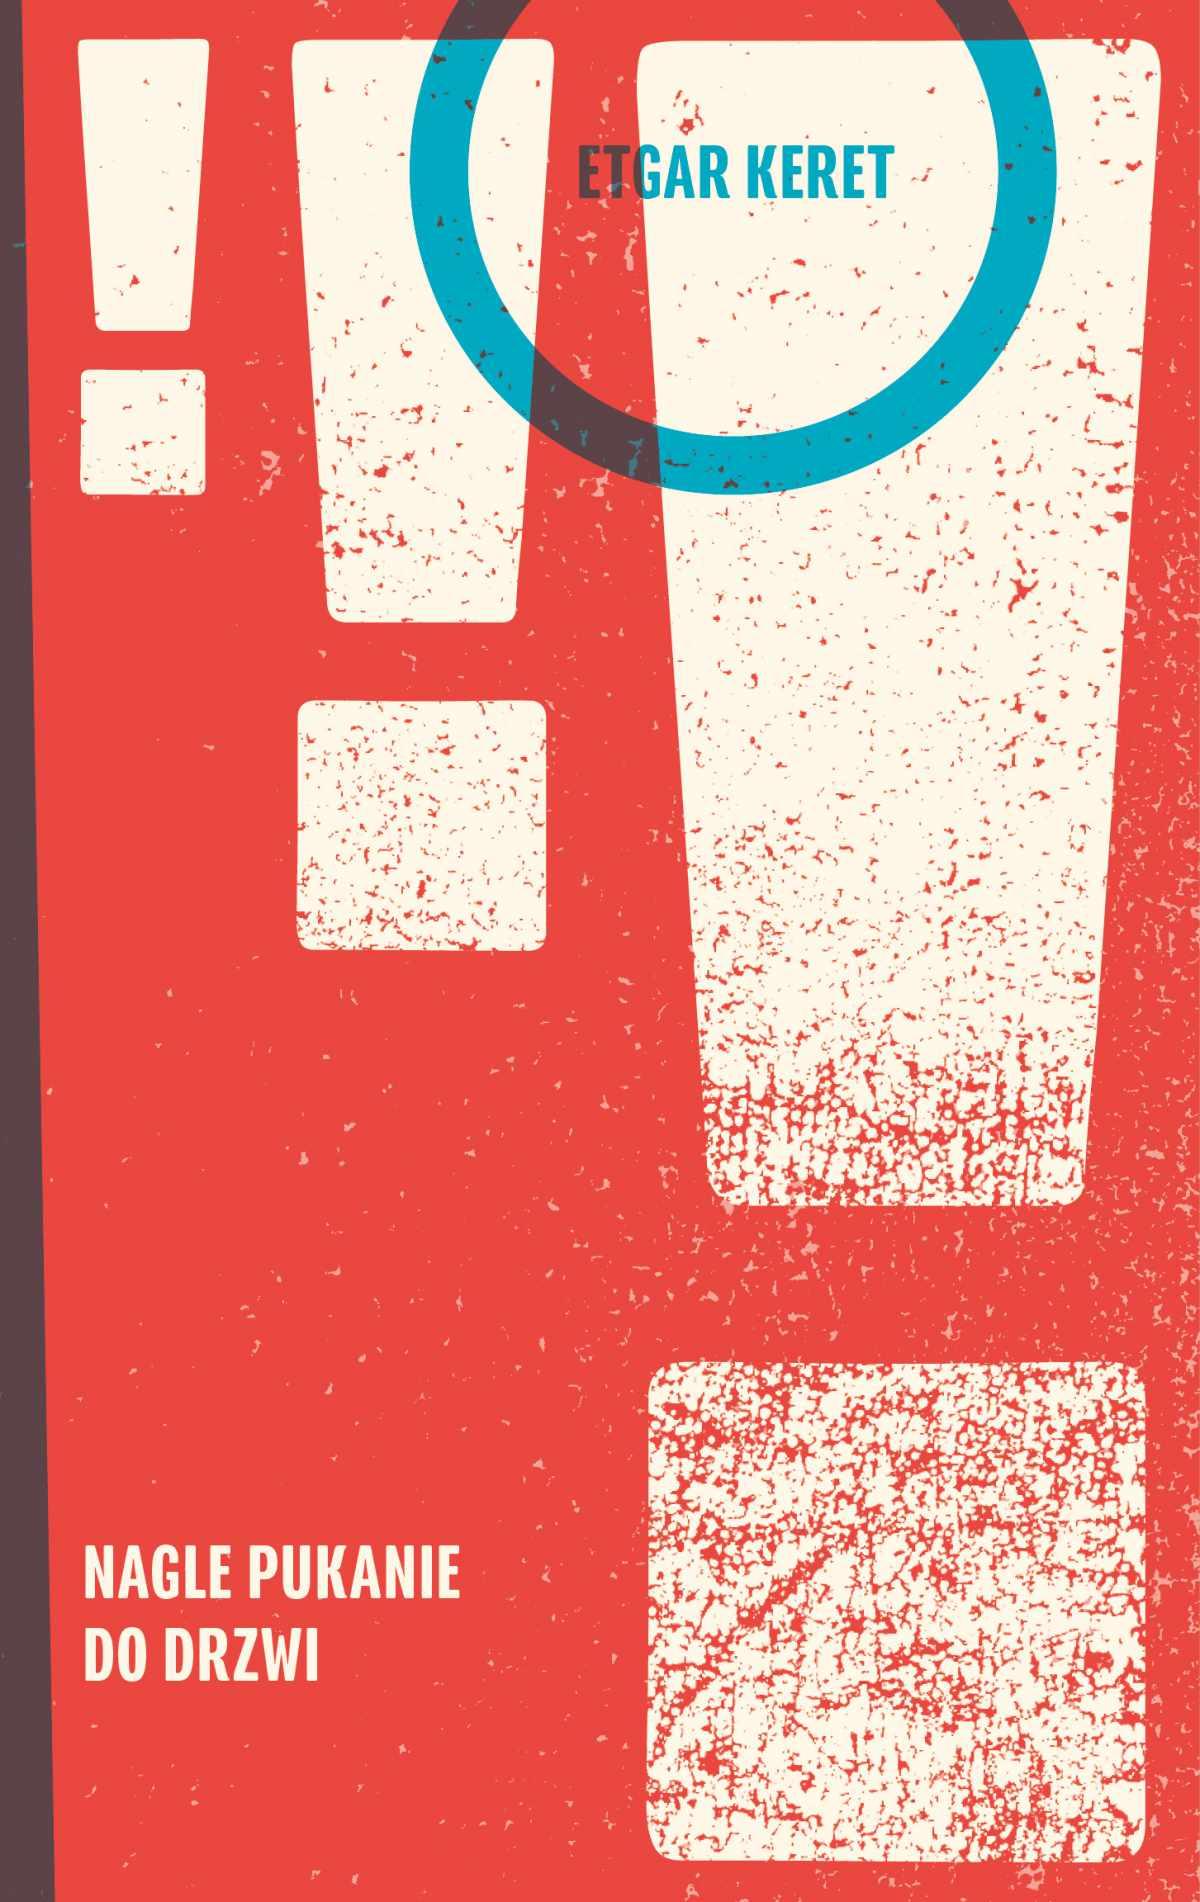 Nagle pukanie do drzwi - Ebook (Książka na Kindle) do pobrania w formacie MOBI